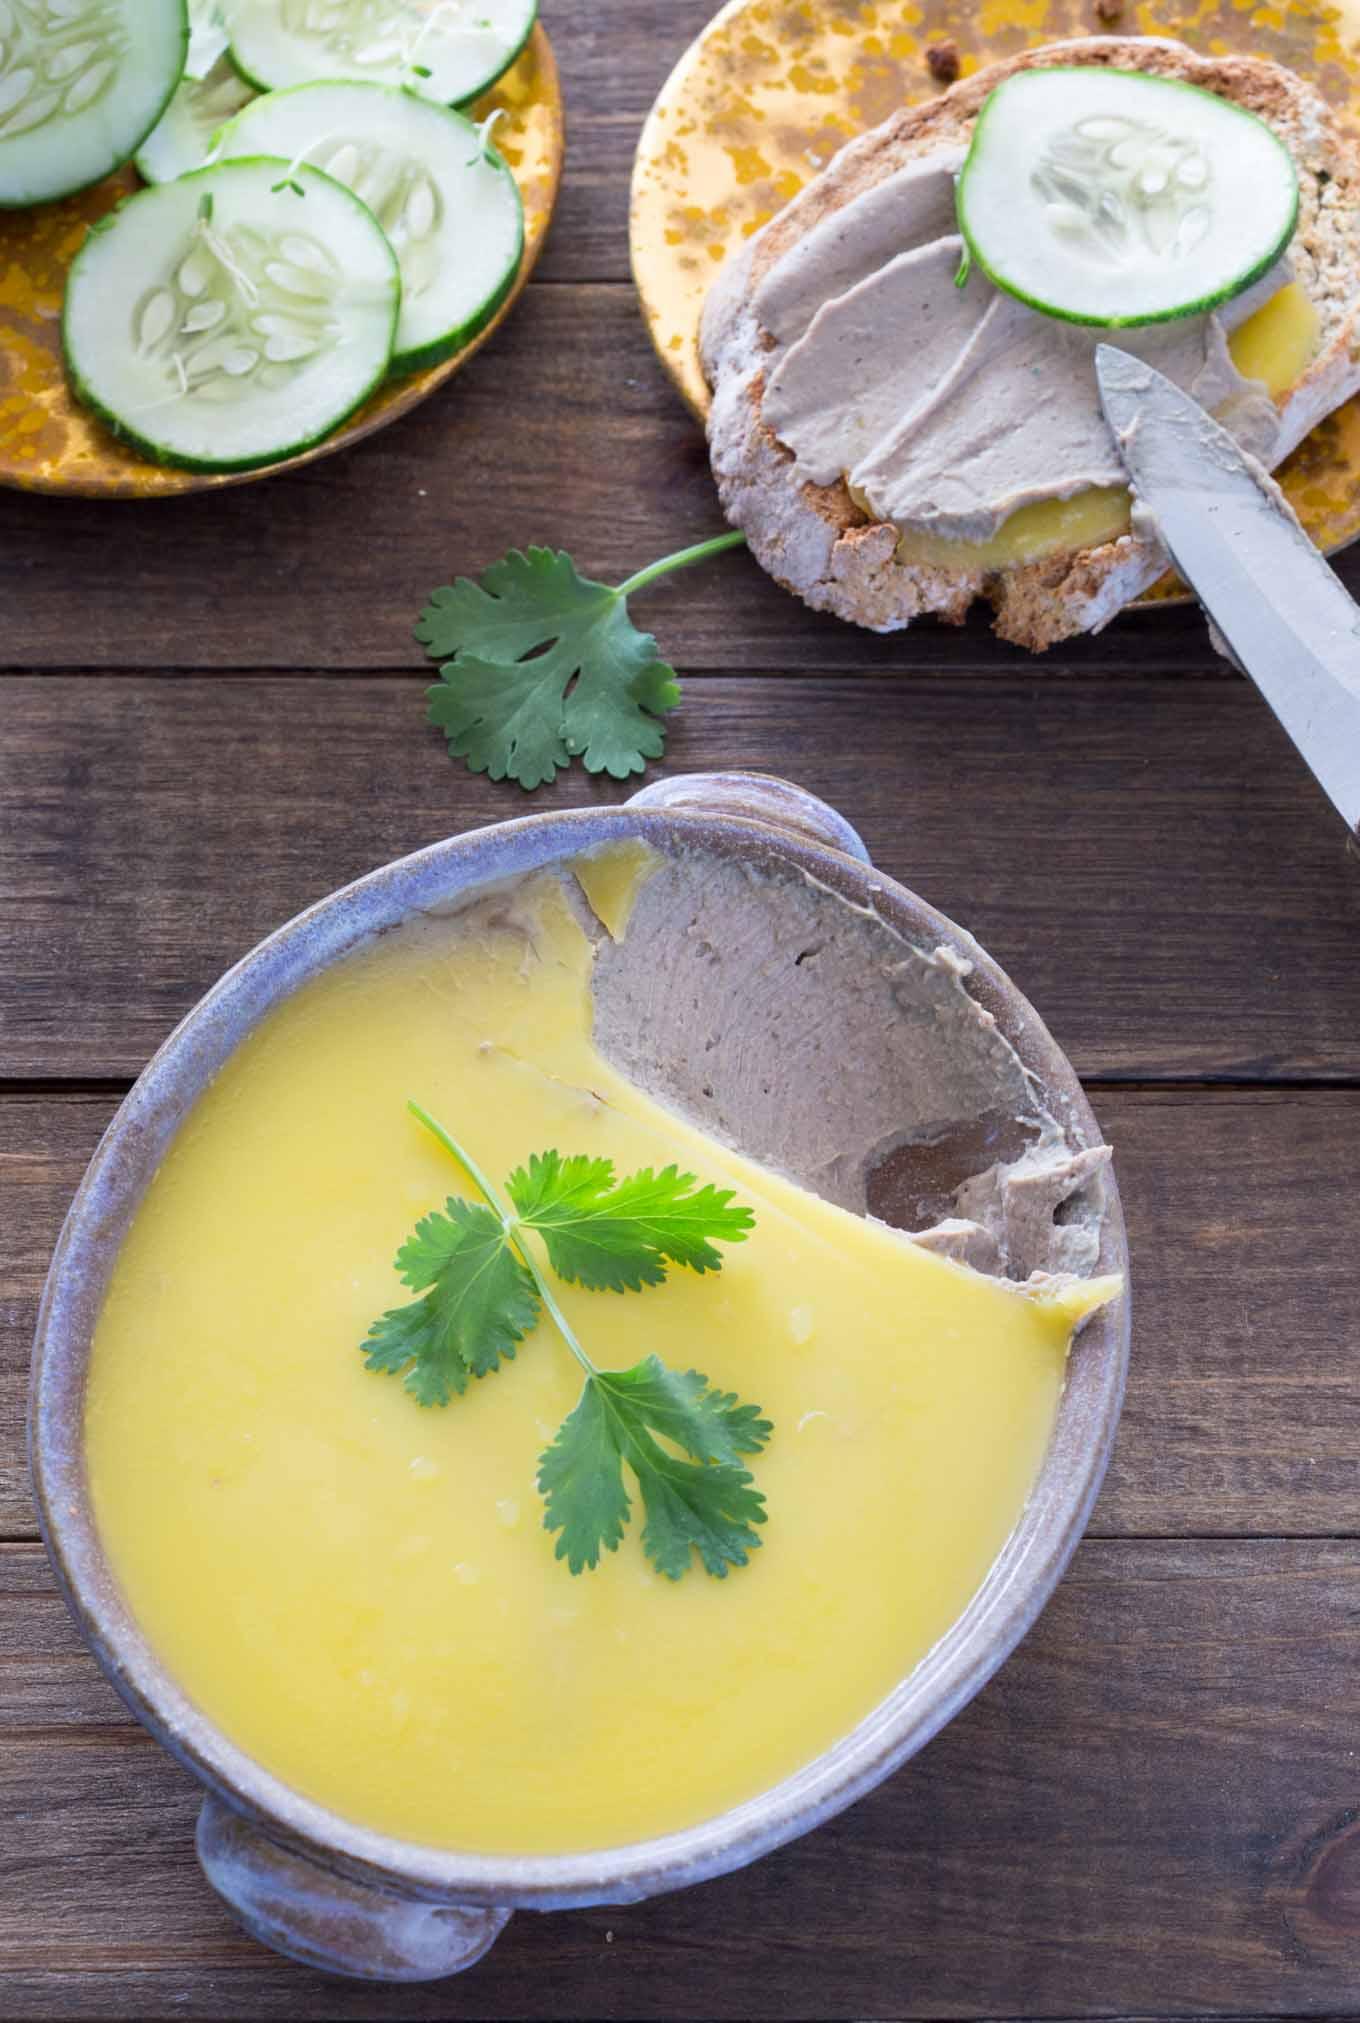 How do you make chicken liver pate?